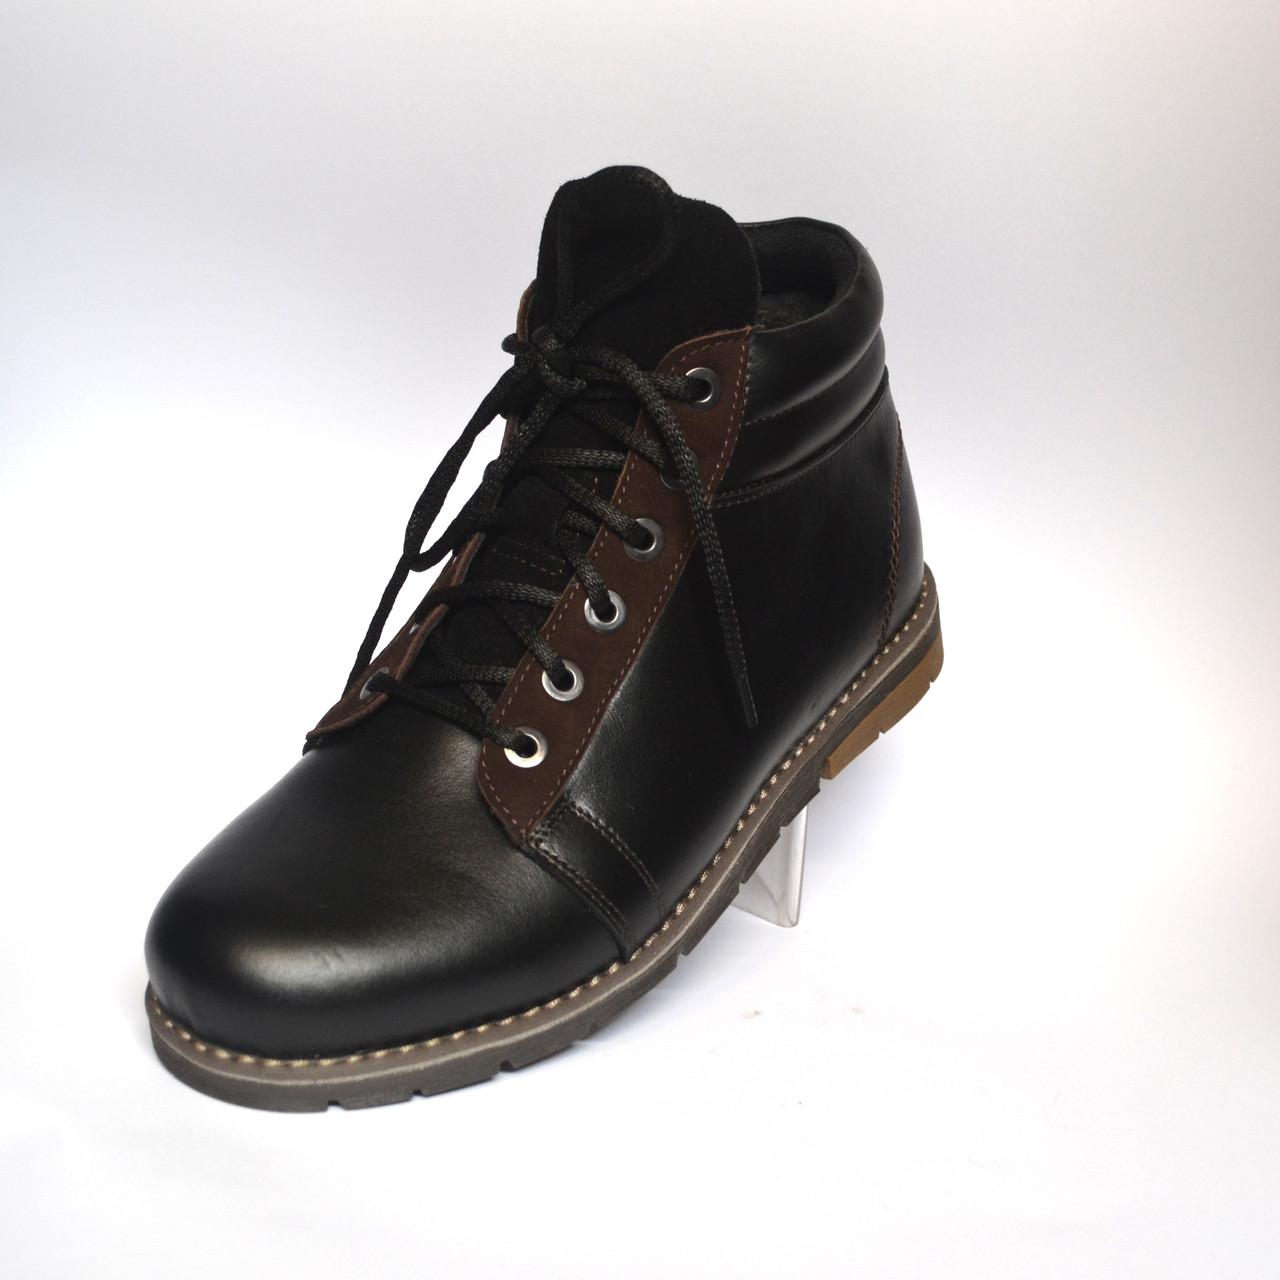 Зимние кроссовки мужские кожаные на меху Rosso Avangard. Bridge Street черные